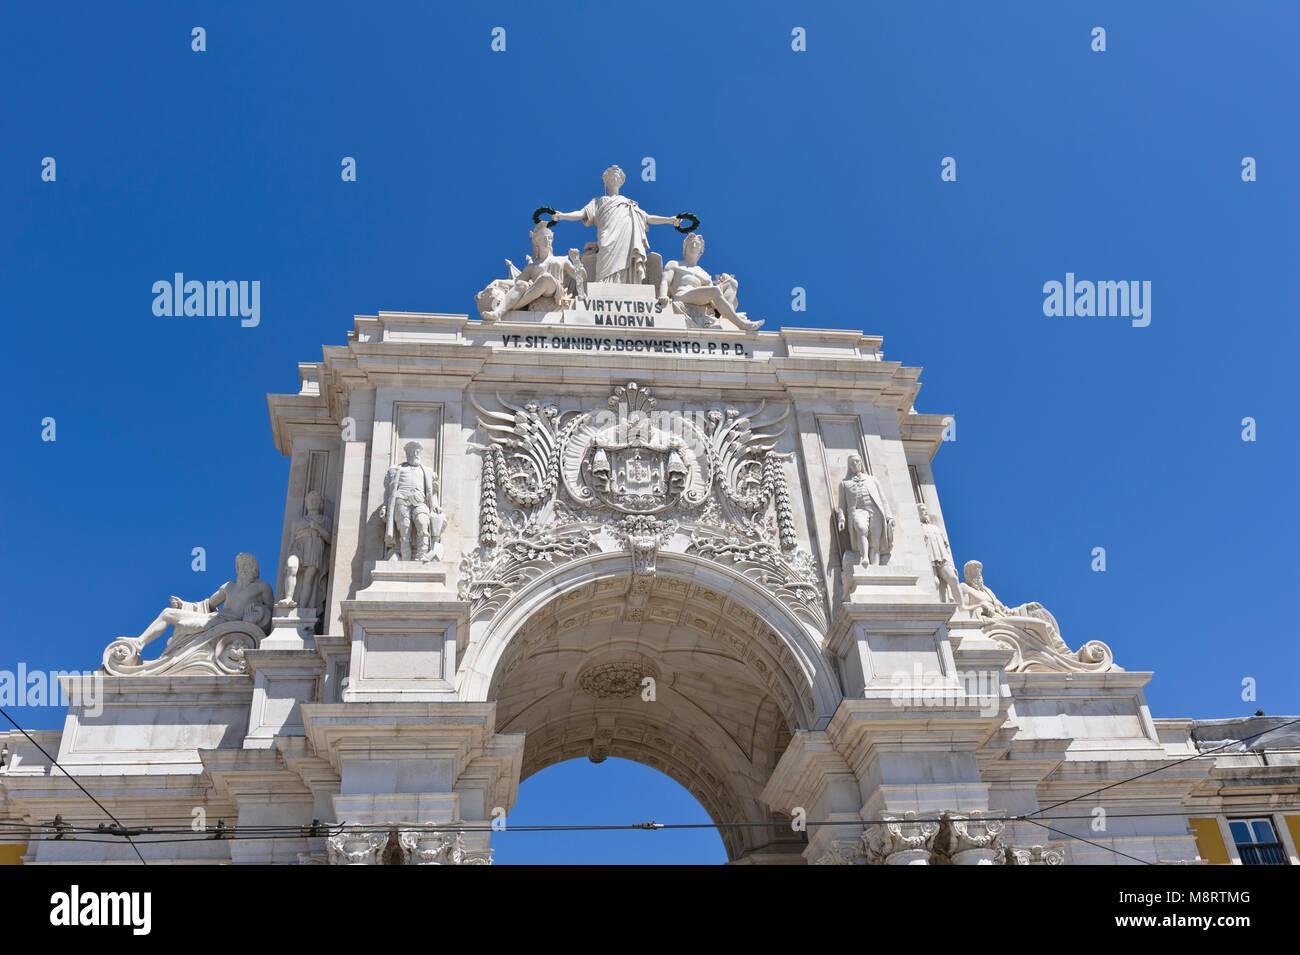 Rua Augusta Arch in Commerce Square, Lisbon, Portugal - Stock Image